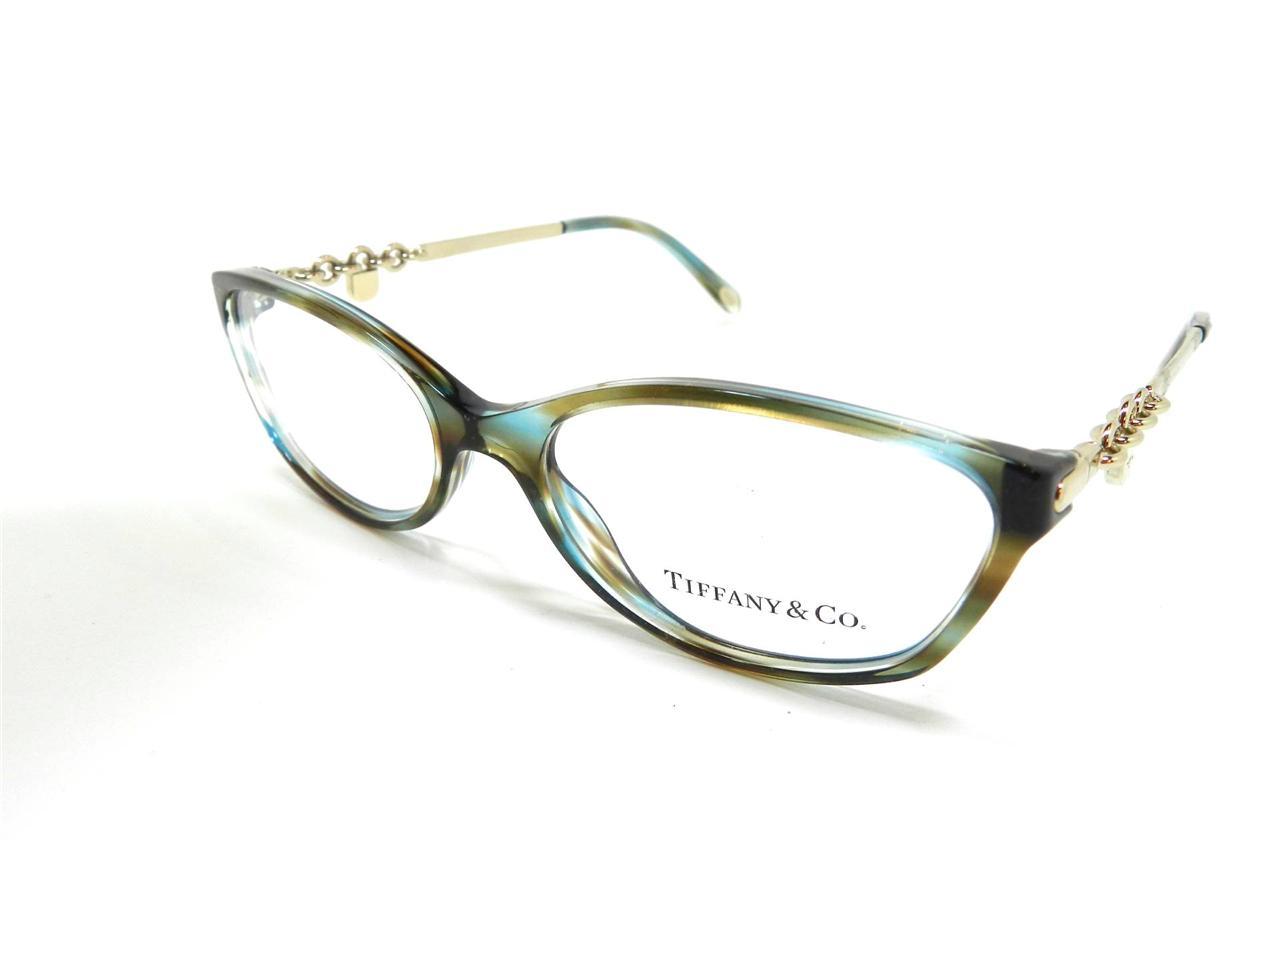 Cat Eye Glasses Frames Lenscrafters - Image Of Glasses